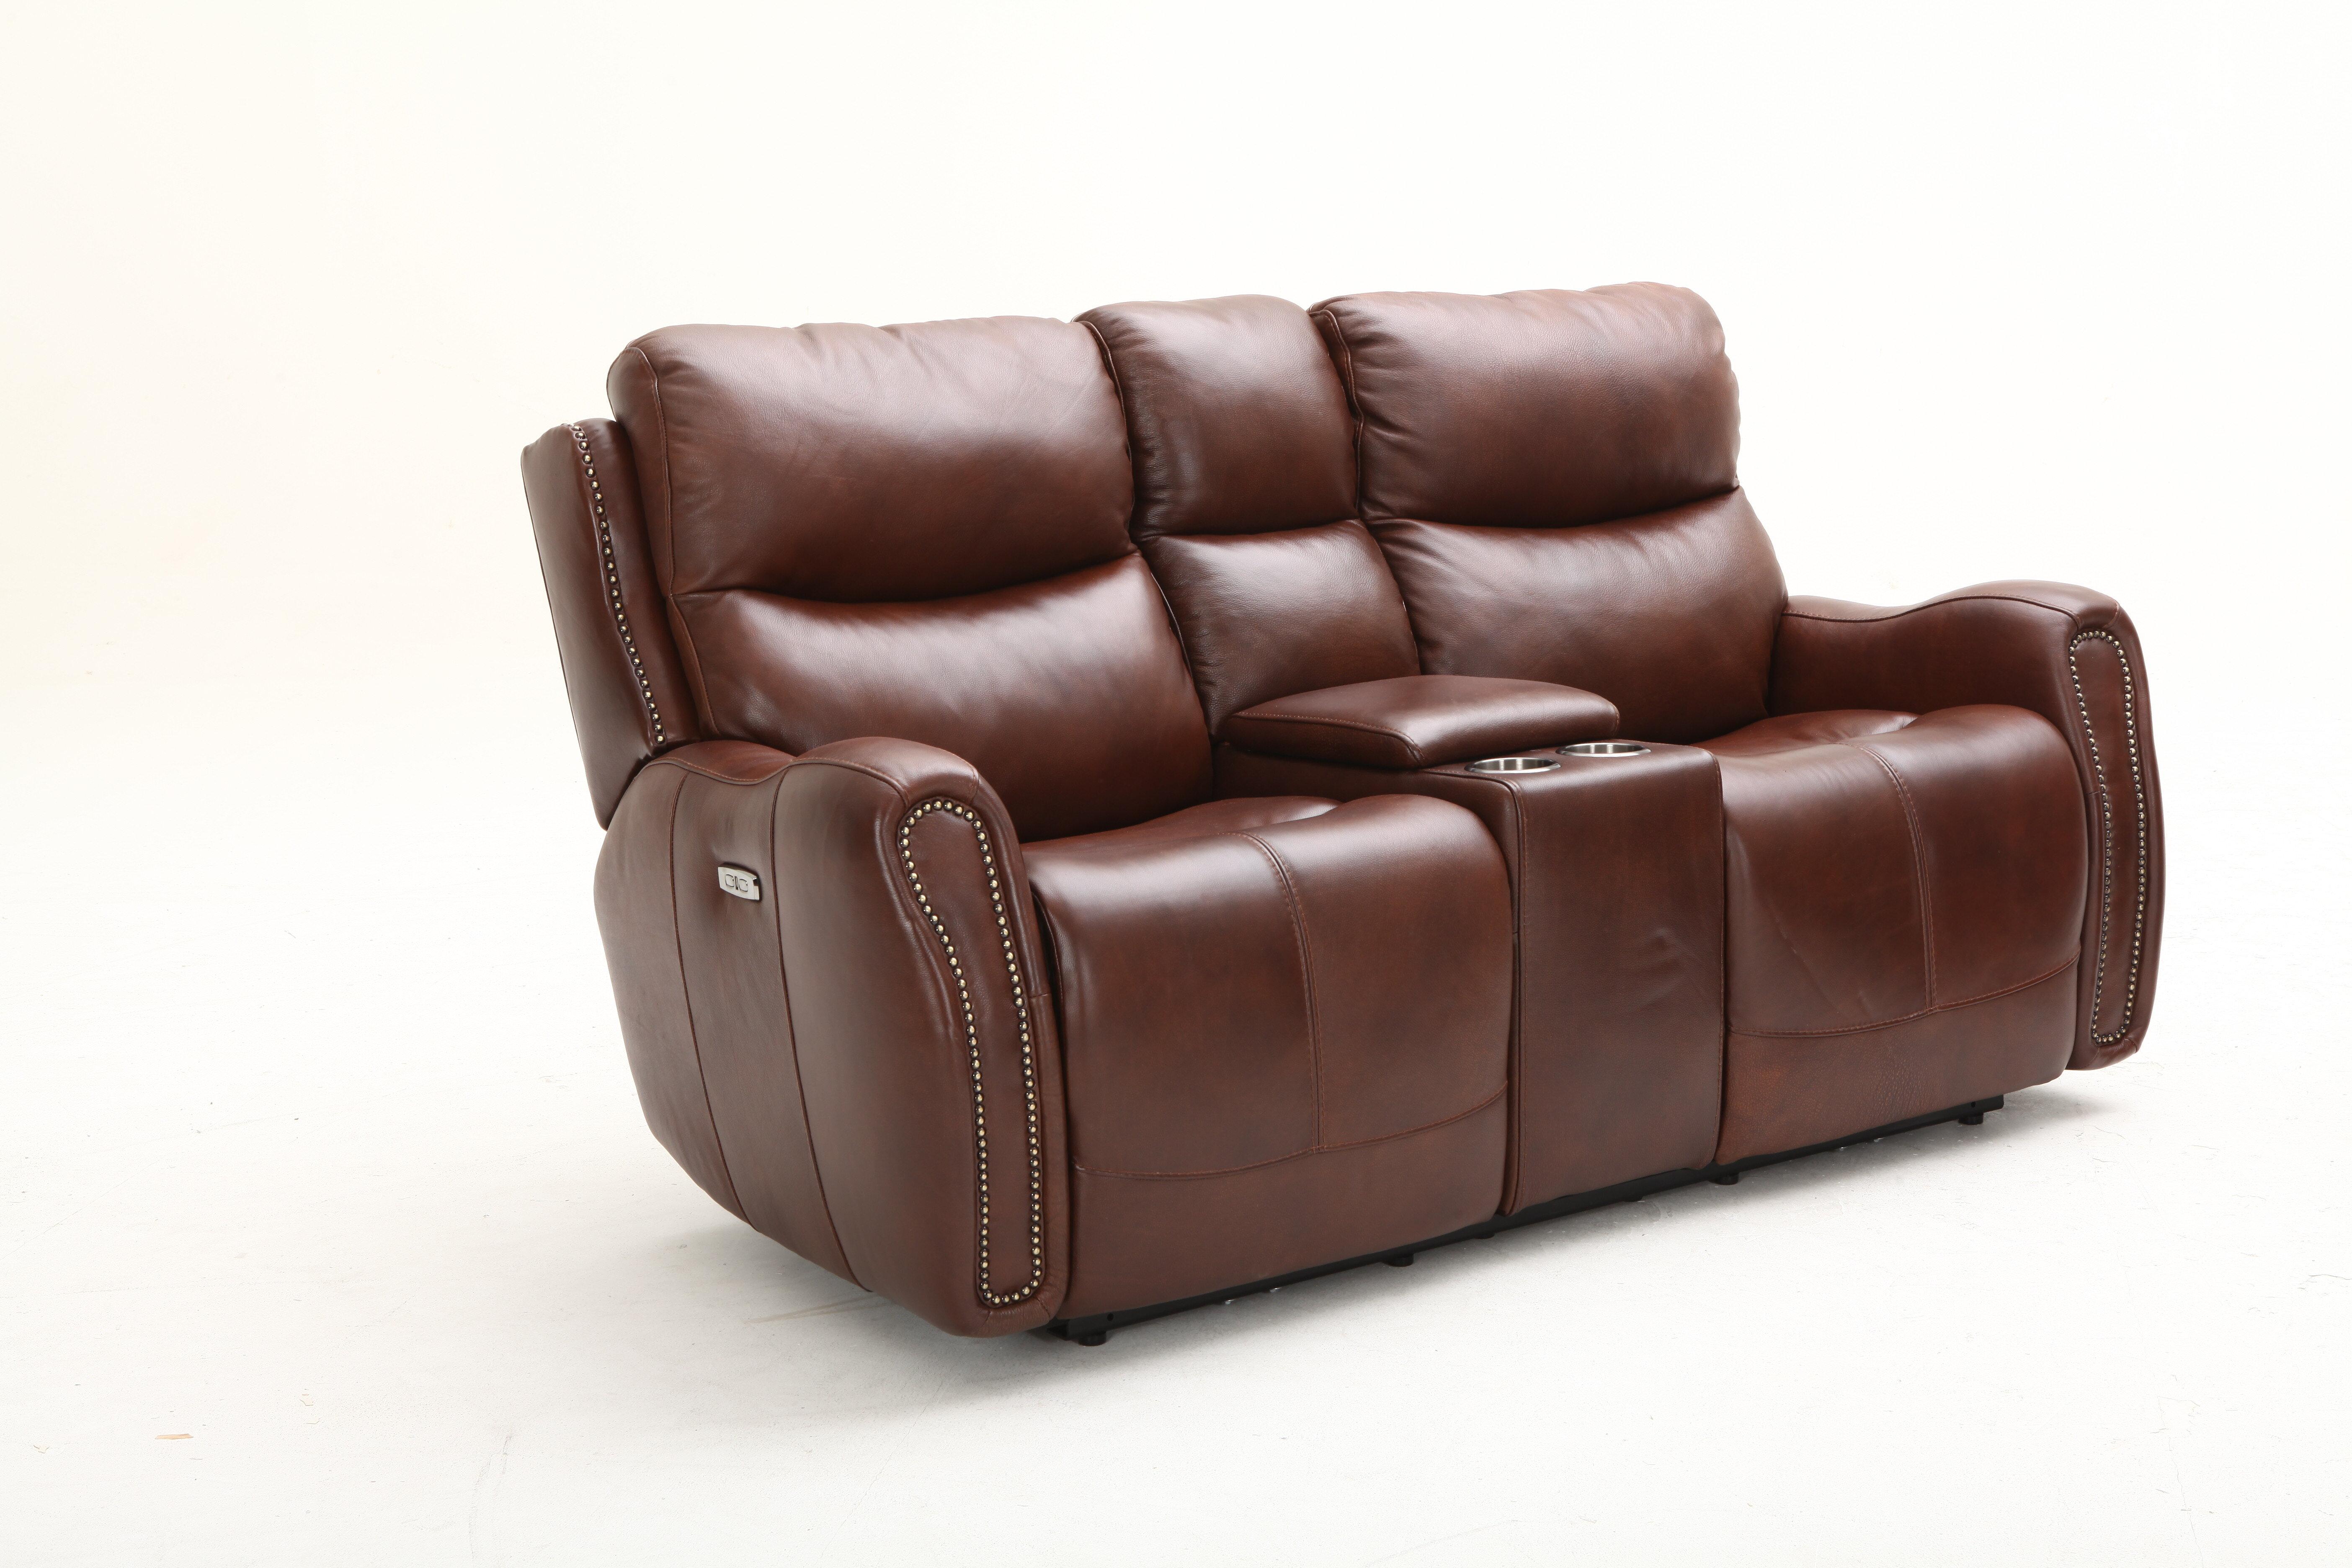 Marvelous Ellington Leather Reclining Loveseat Short Links Chair Design For Home Short Linksinfo